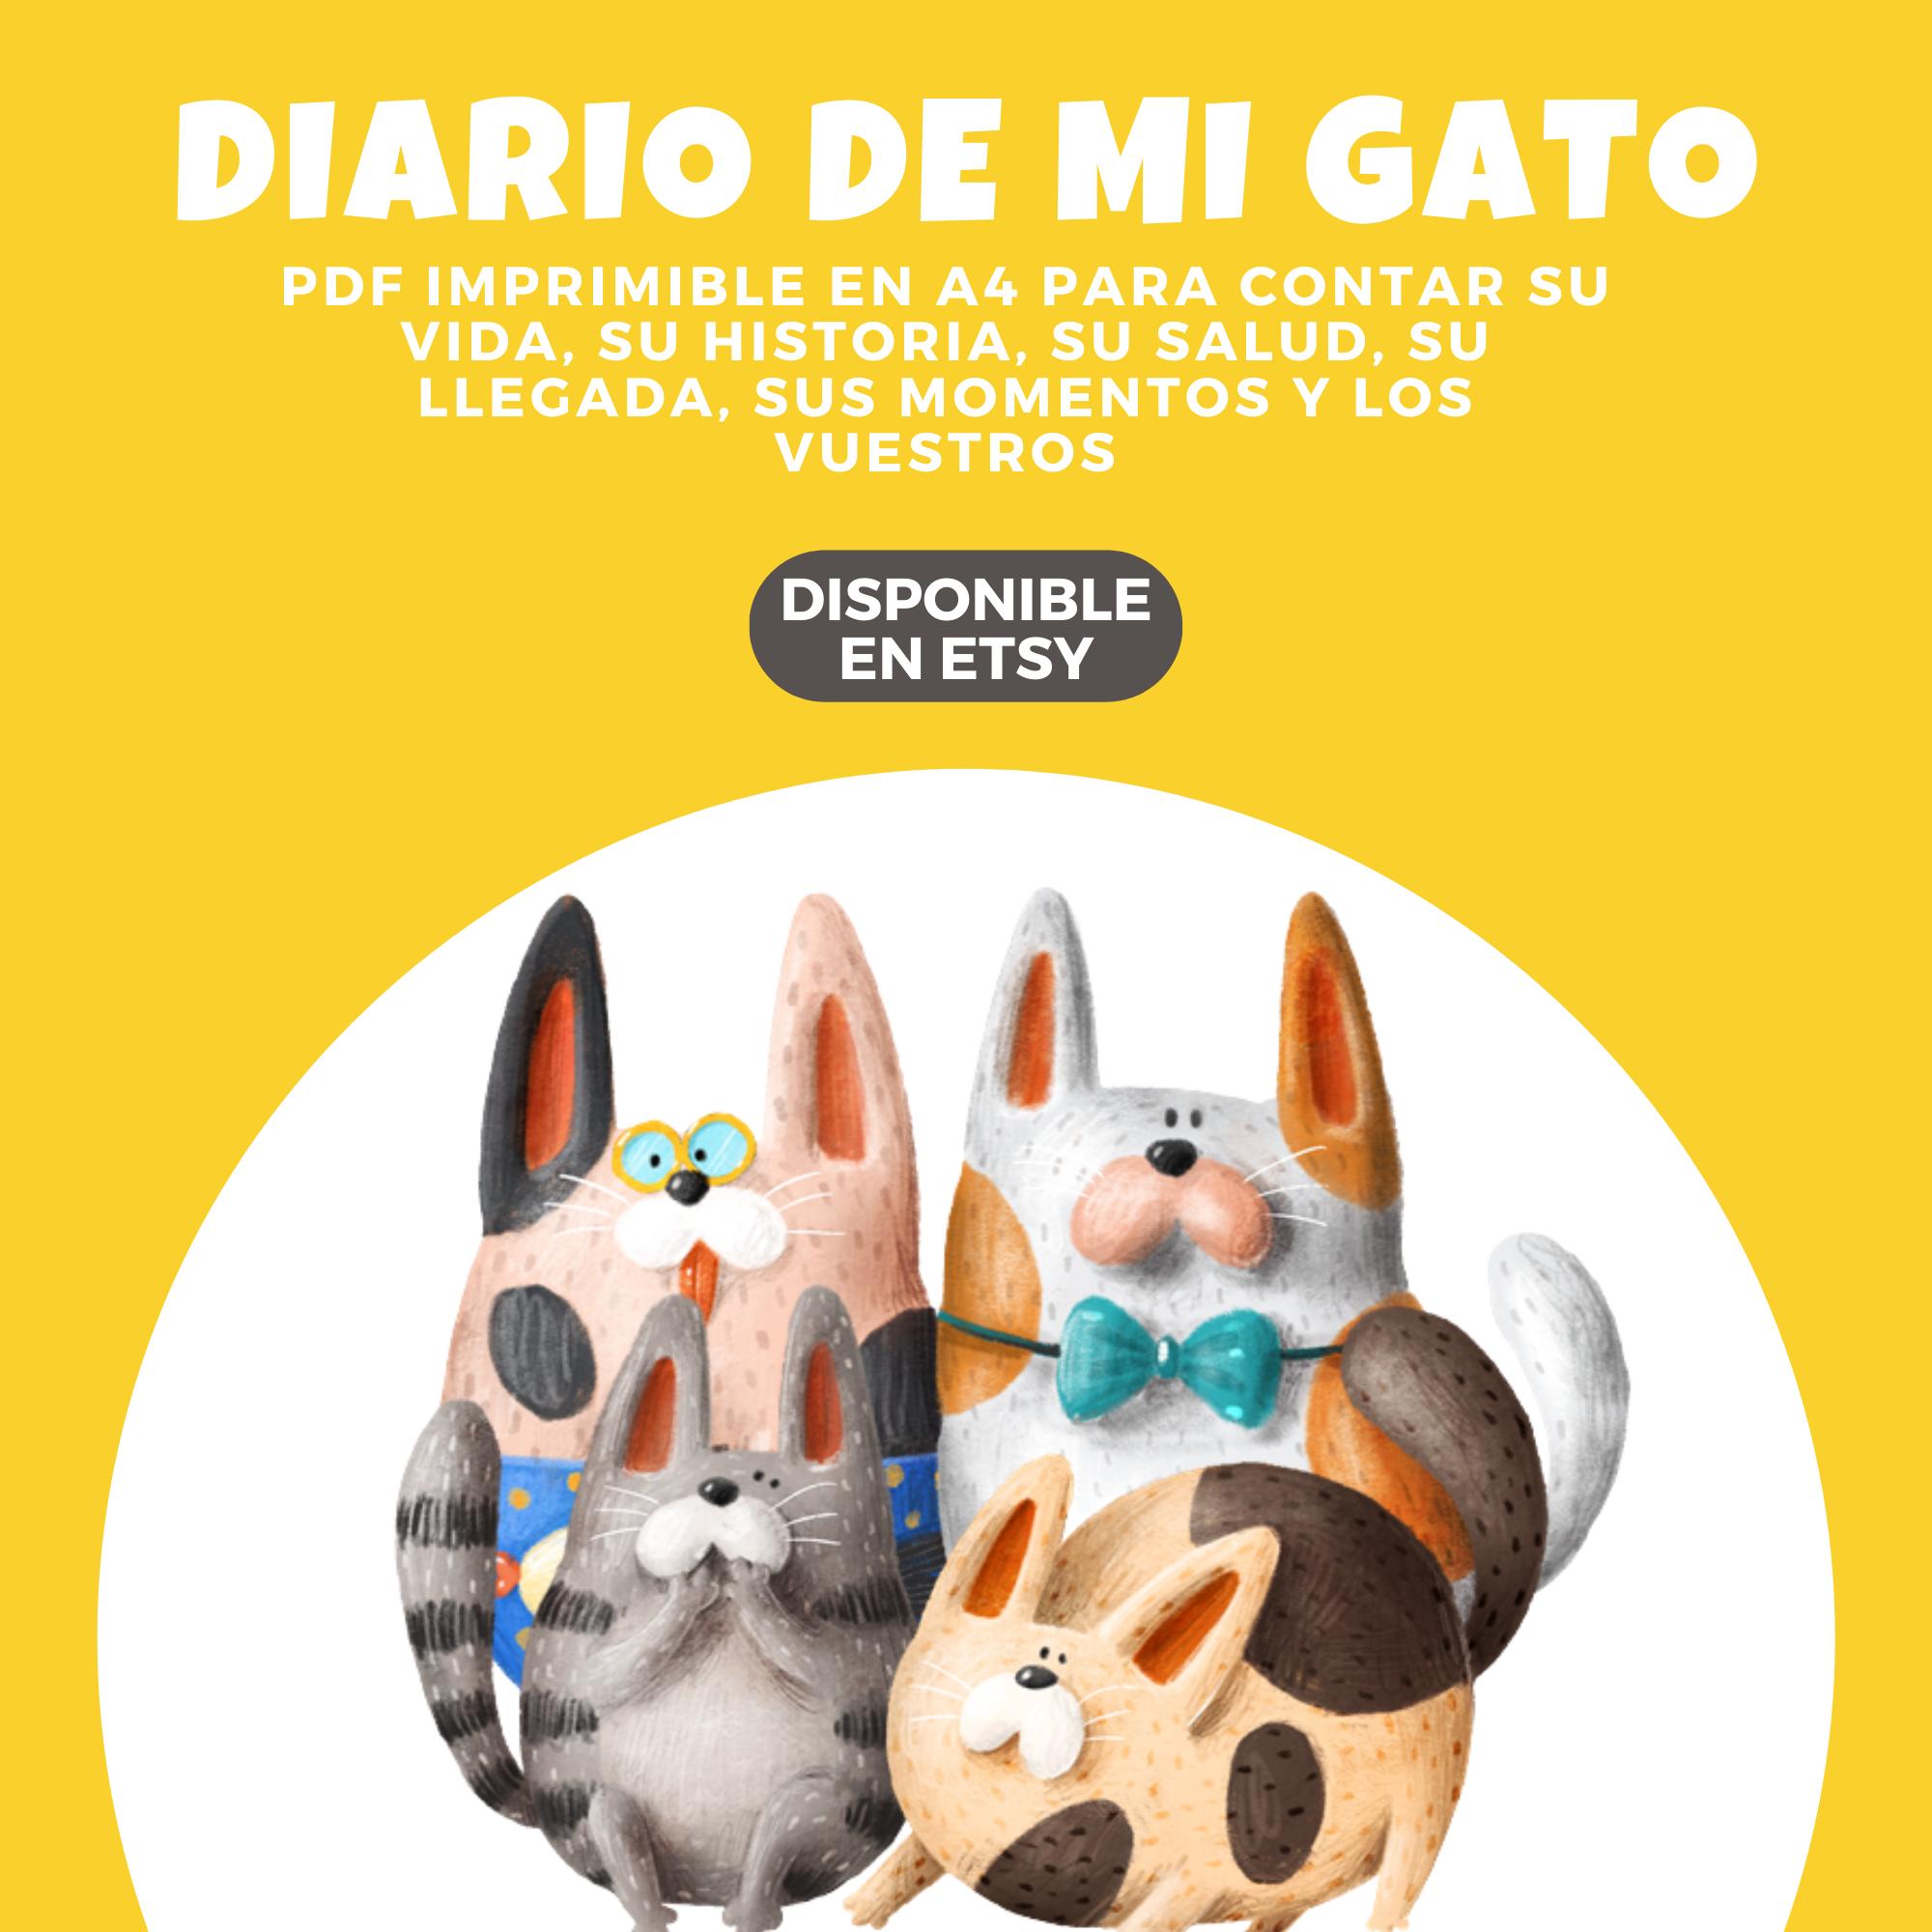 DIARIO, gato, imprimir, mascota, gatos, animales, imprimibles, historia